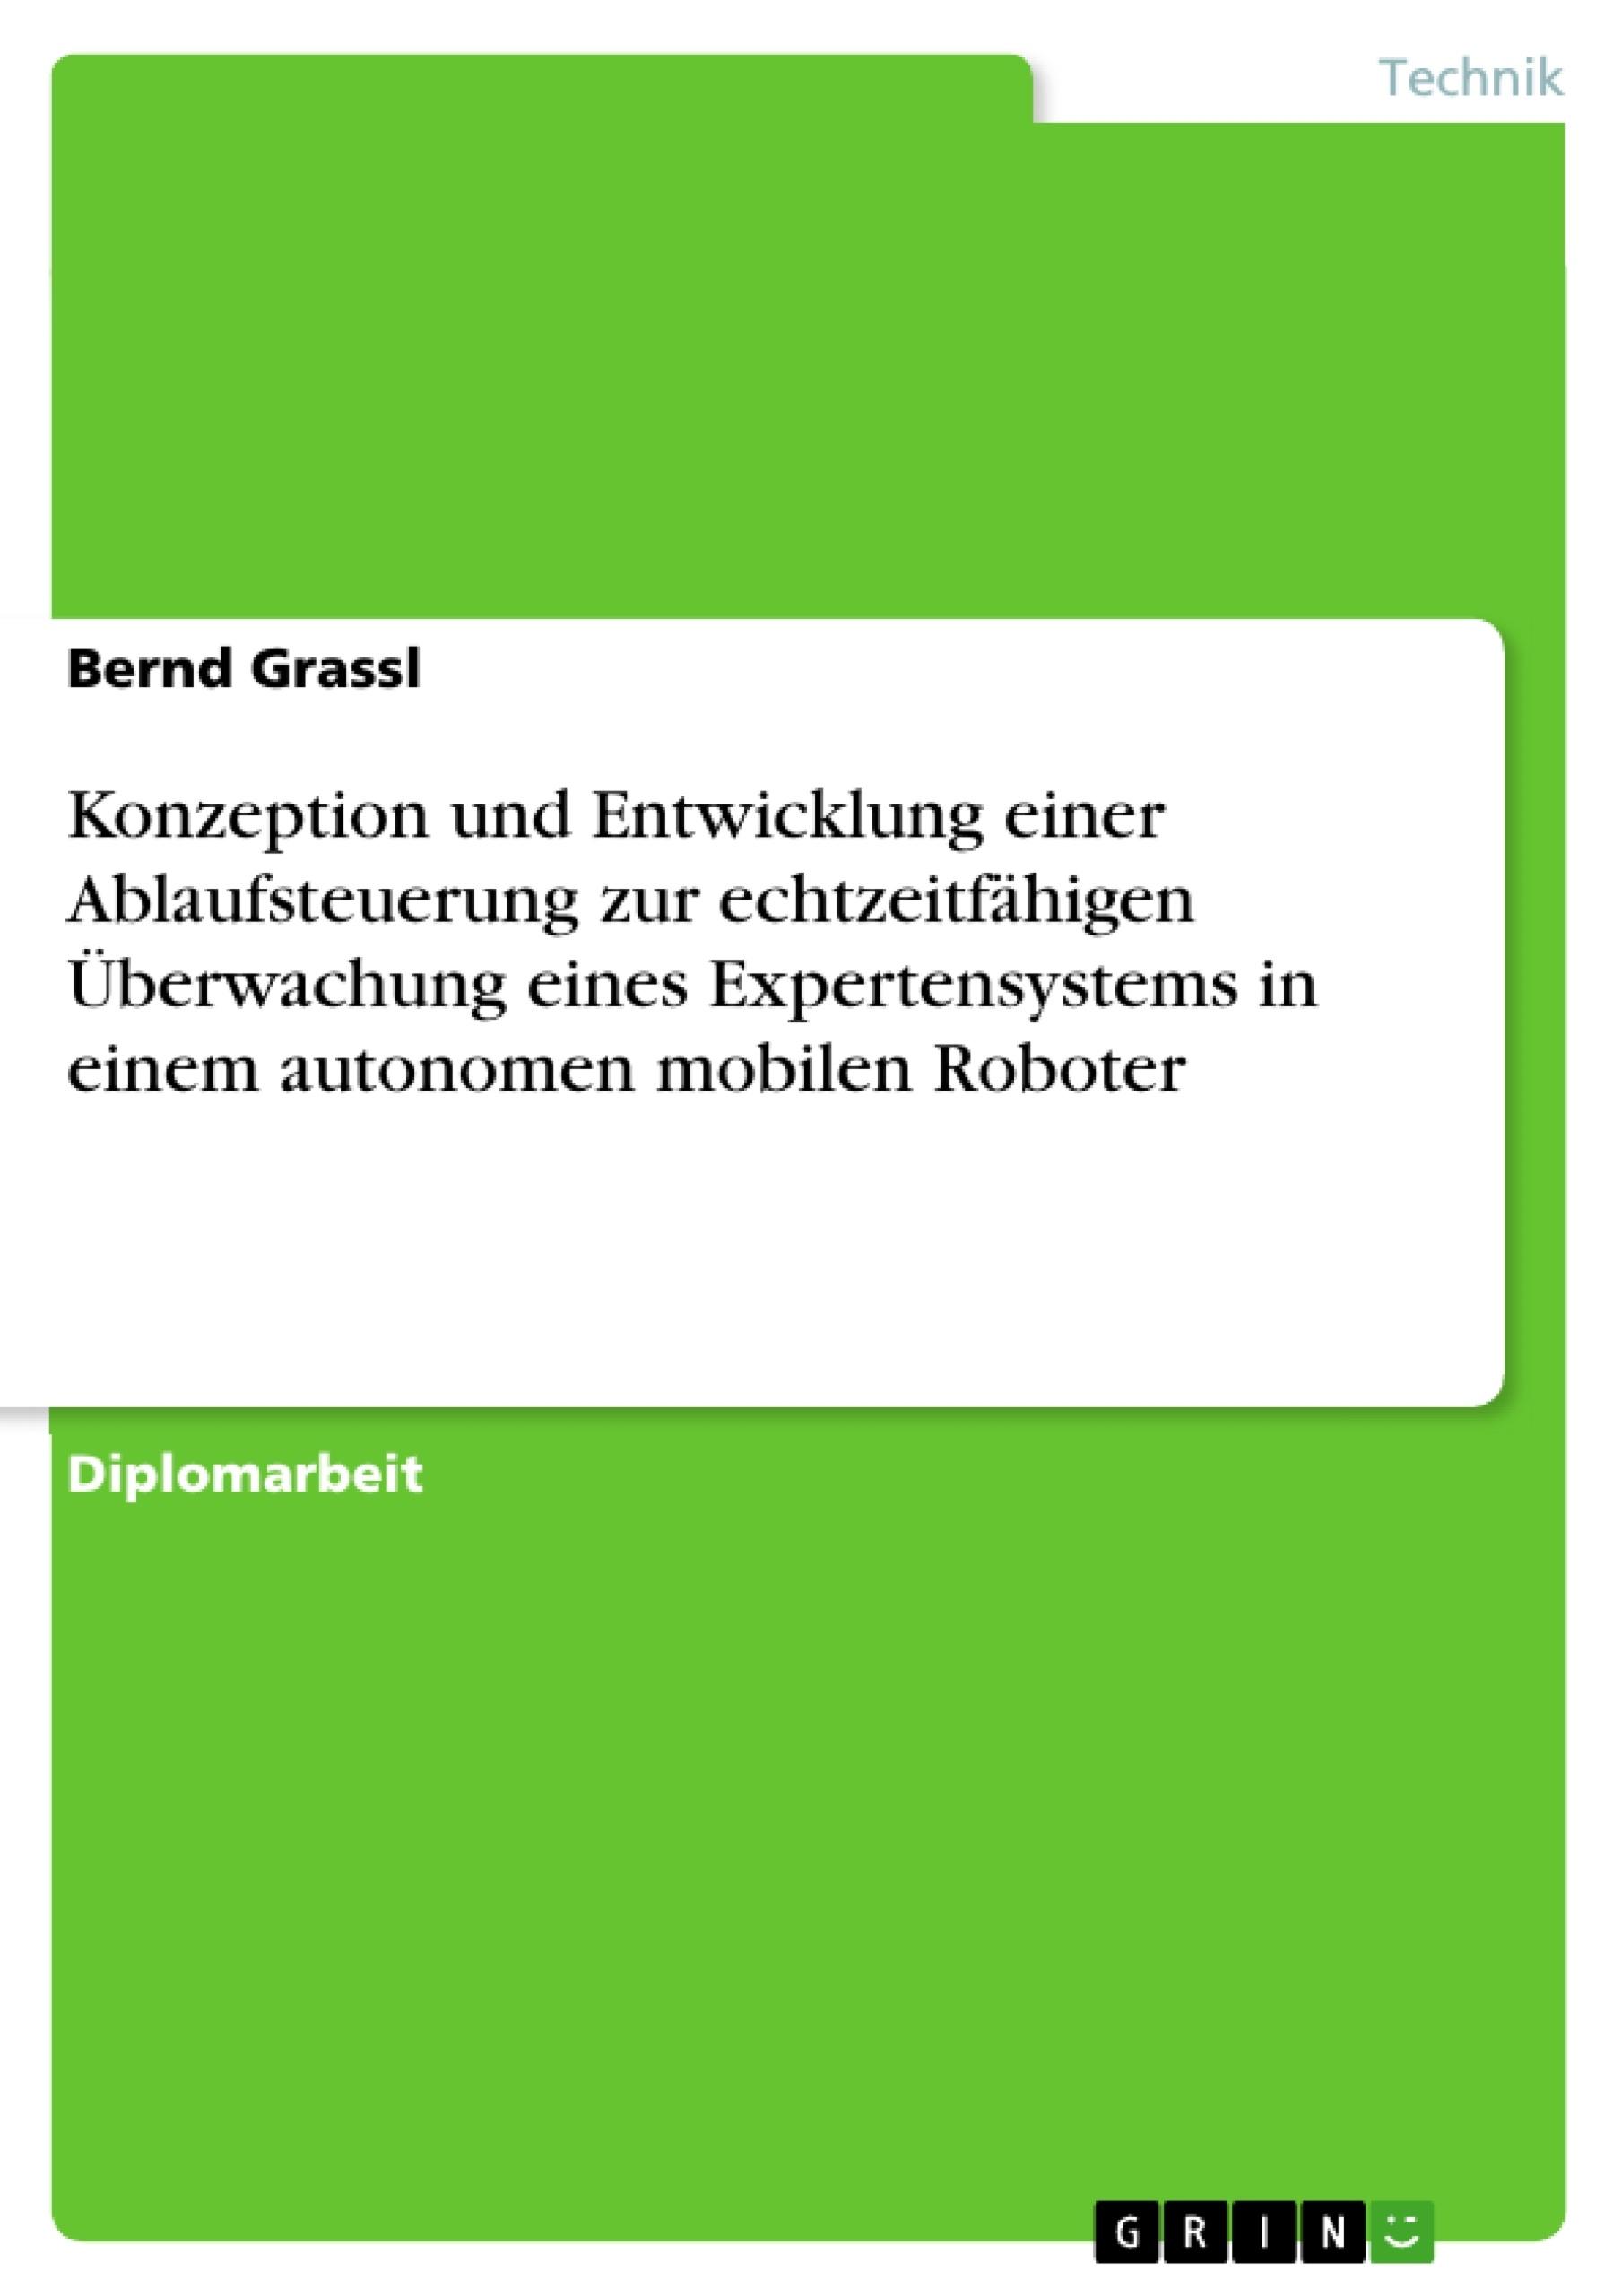 Titel: Konzeption und Entwicklung einer Ablaufsteuerung zur echtzeitfähigen Überwachung eines Expertensystems in einem autonomen mobilen Roboter